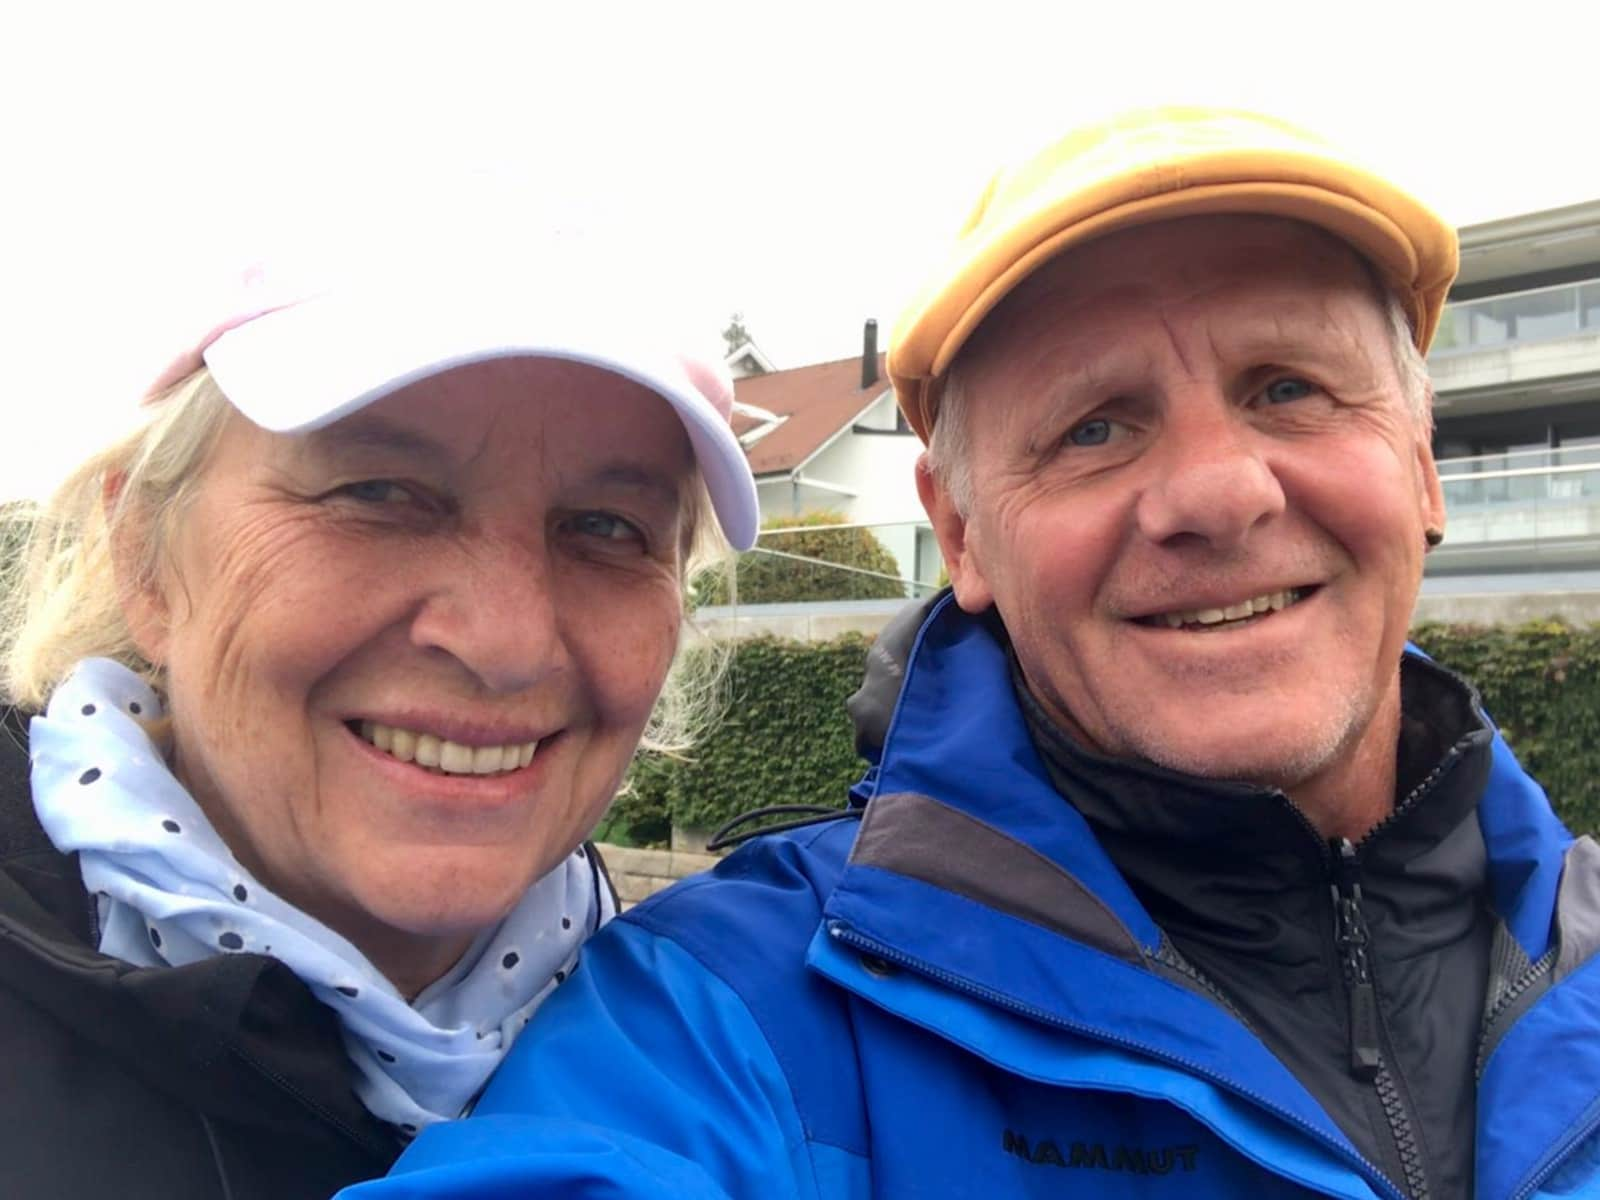 Veronika & Bernhard from Luzern, Switzerland